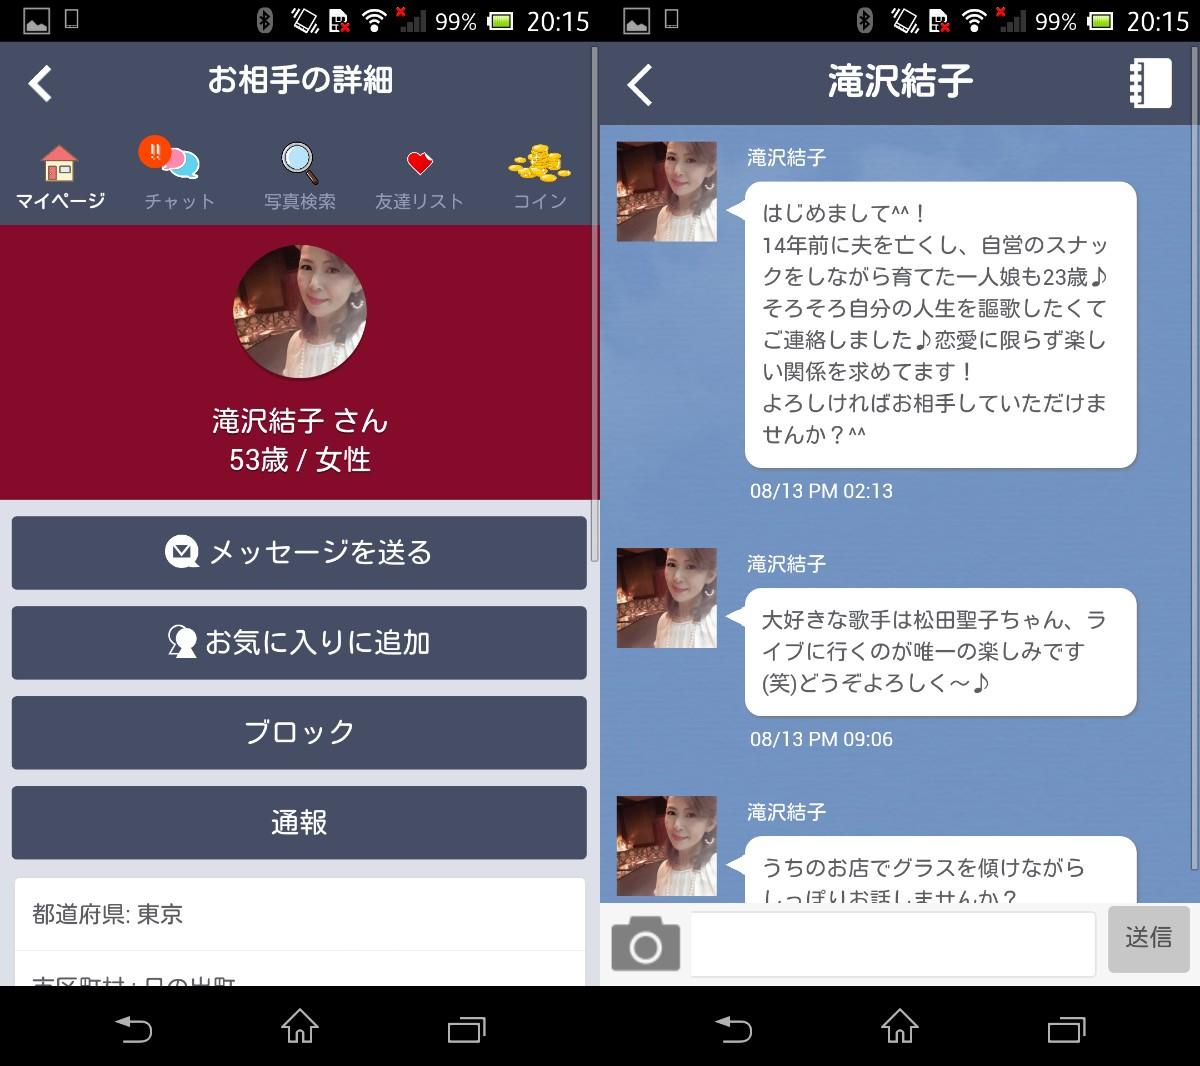 出会いにチャット&掲示板アプリ「友恋」無料登録の出会系アプリサクラの滝沢結子